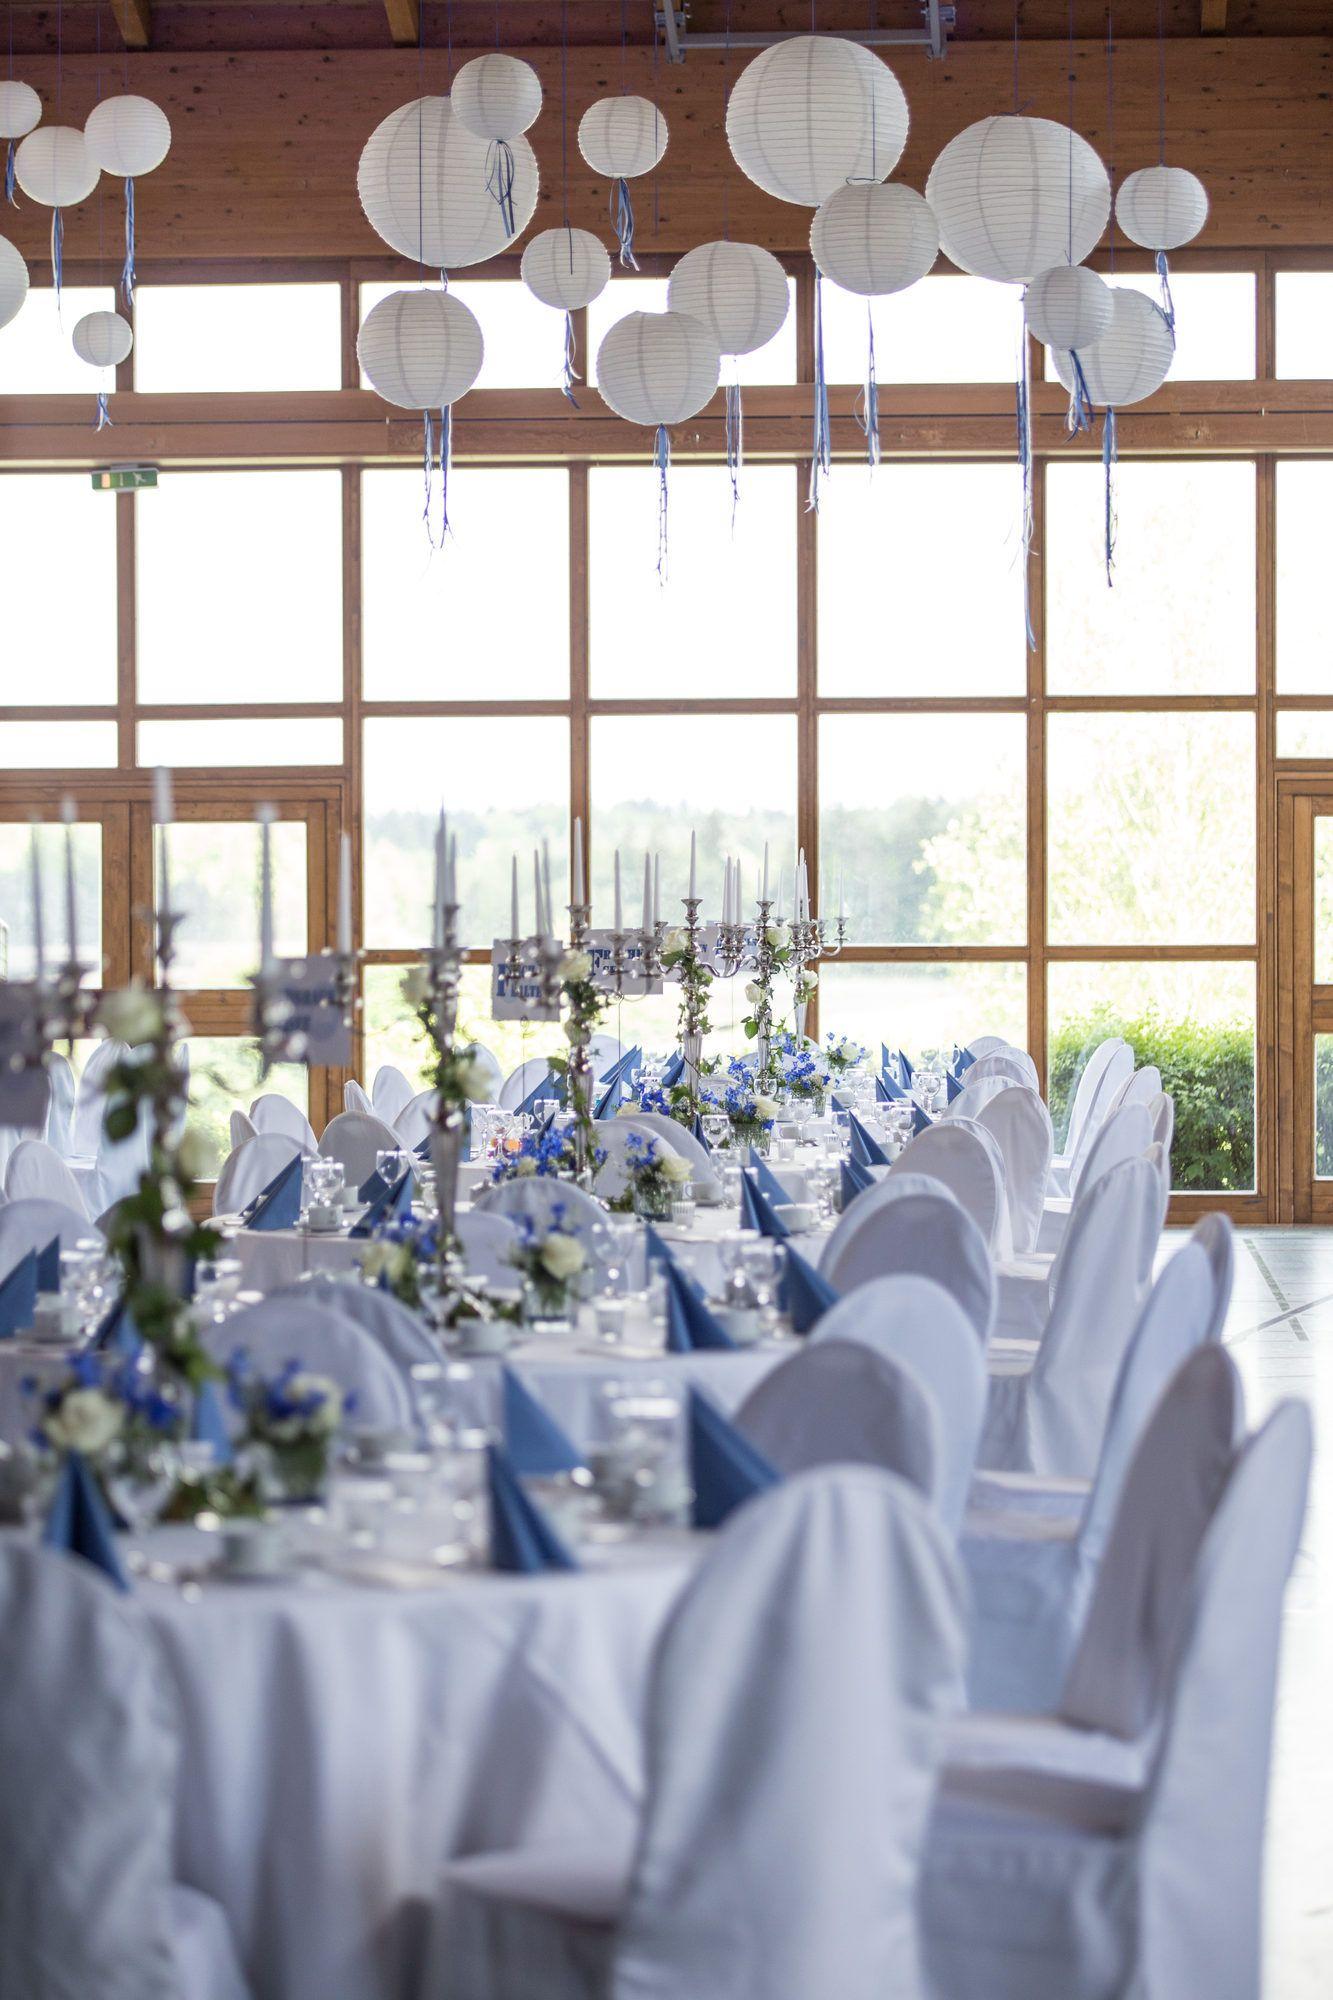 Feste Feiern Tegernsee Hochzeit Osterseen Iffeldorf Weiss Blau Grossansicht Halle Dekoration Hochzeit Blaue Hochzeit Tischdekoration Hochzeit